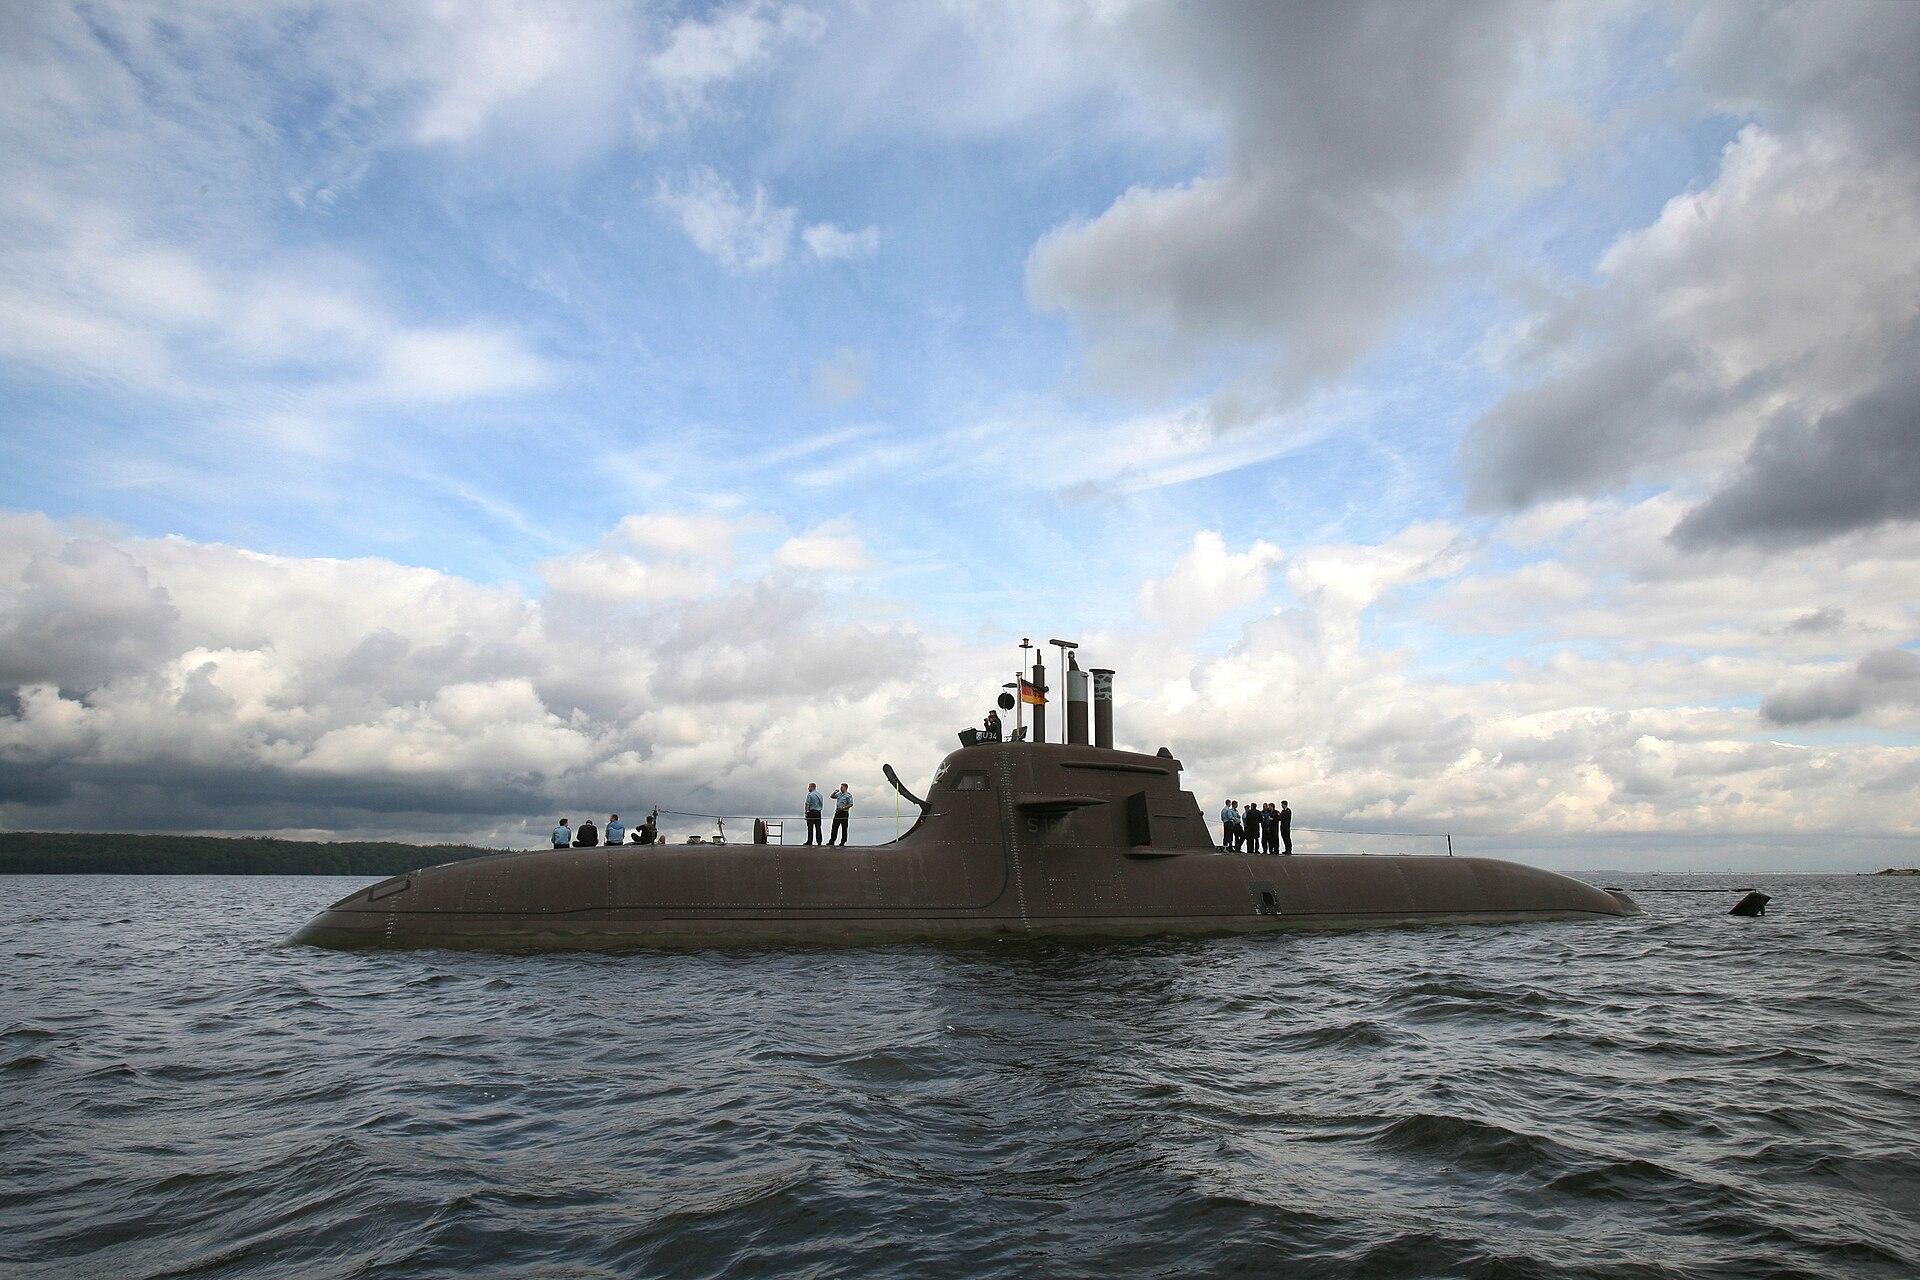 Submarino U-34 (S184) - Wikipedia, la enciclopedia libre